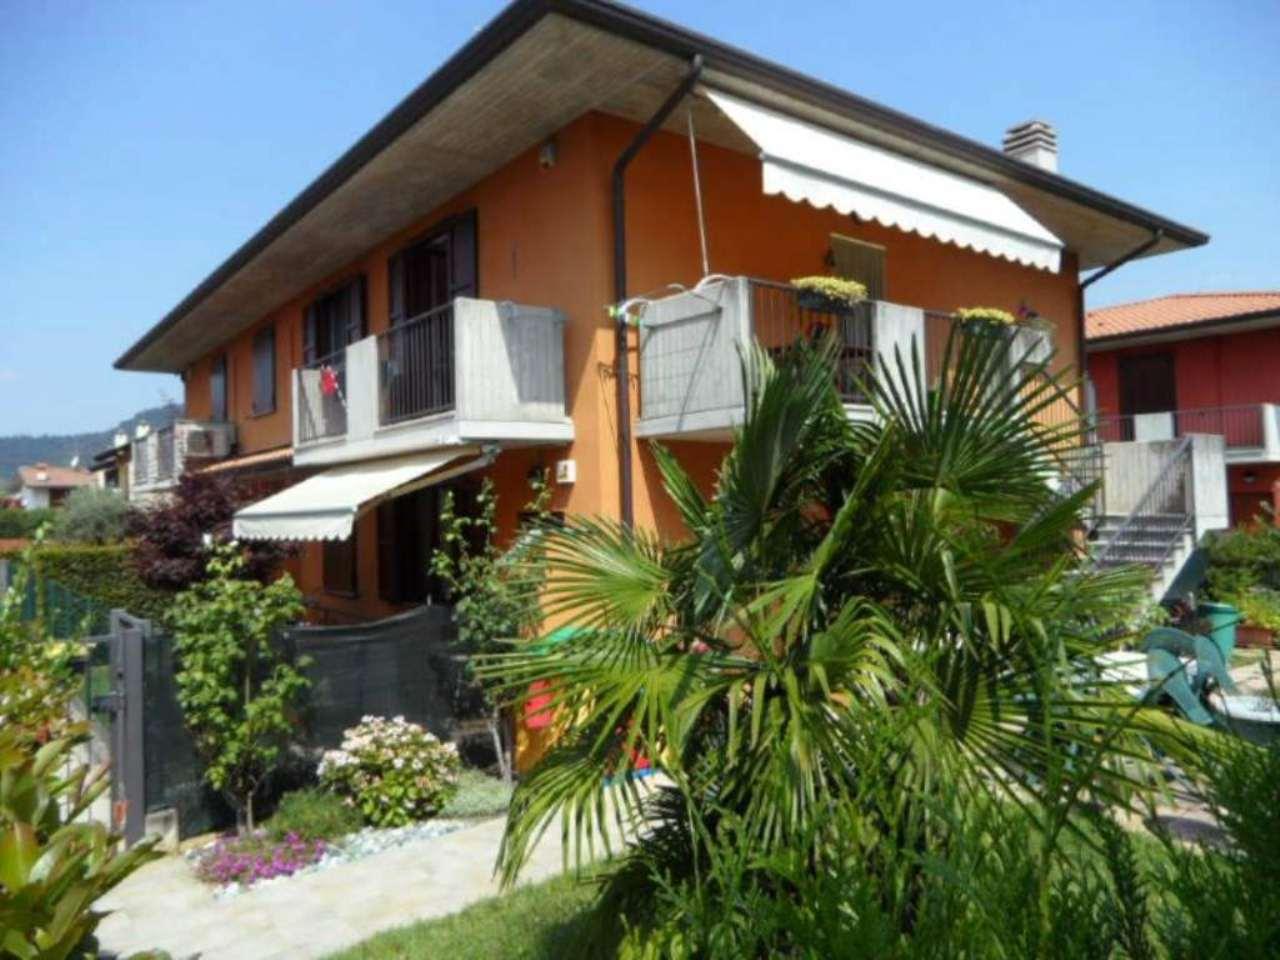 Appartamento in vendita a San Paolo d'Argon, 3 locali, prezzo € 179.000 | Cambio Casa.it